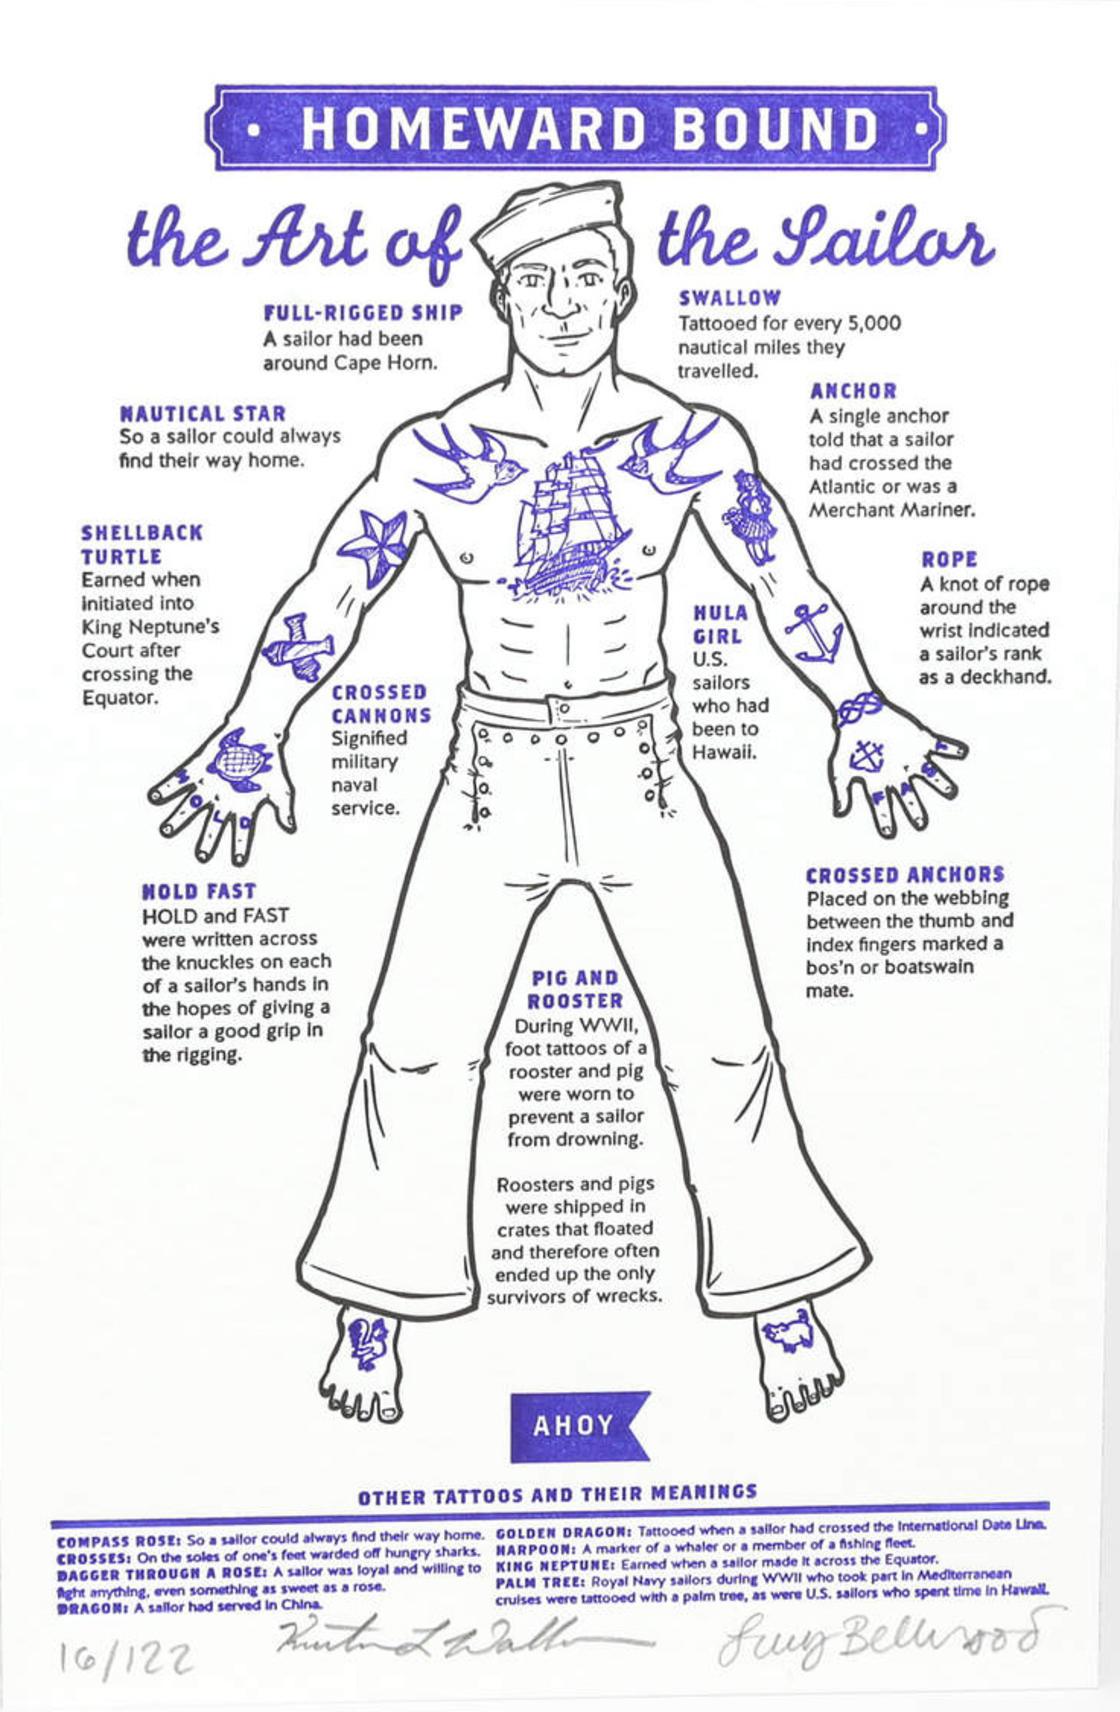 La signification des tatouages de marins